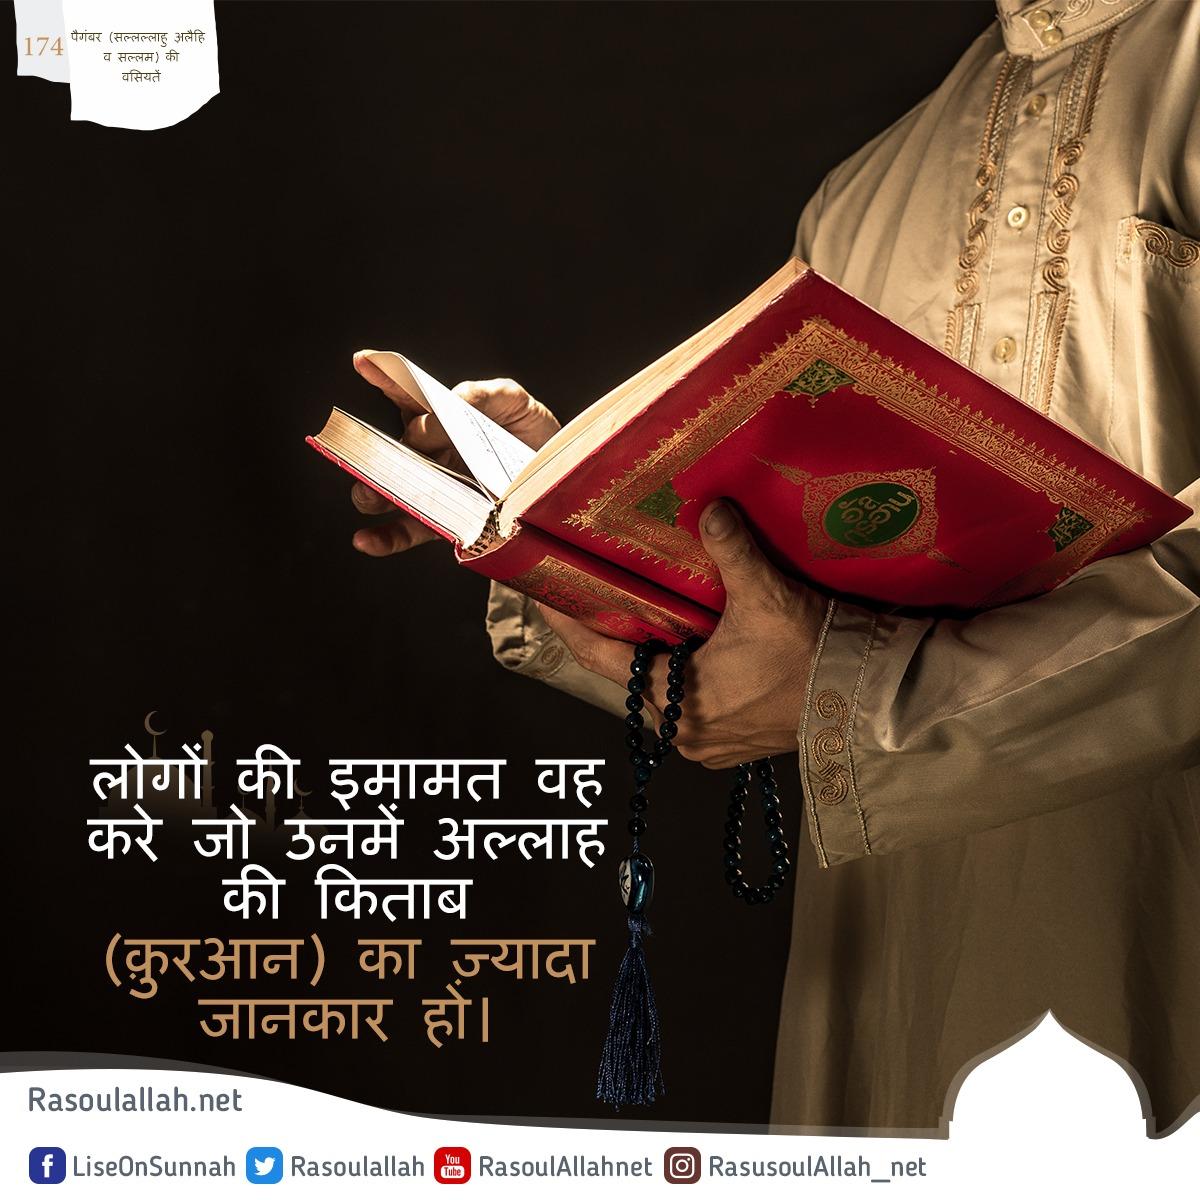 (174) लोगों की इमामत वह करे जो उनमें अल्लाह की किताब (क़ुरआन) का ज़्यादा जानकार हो।